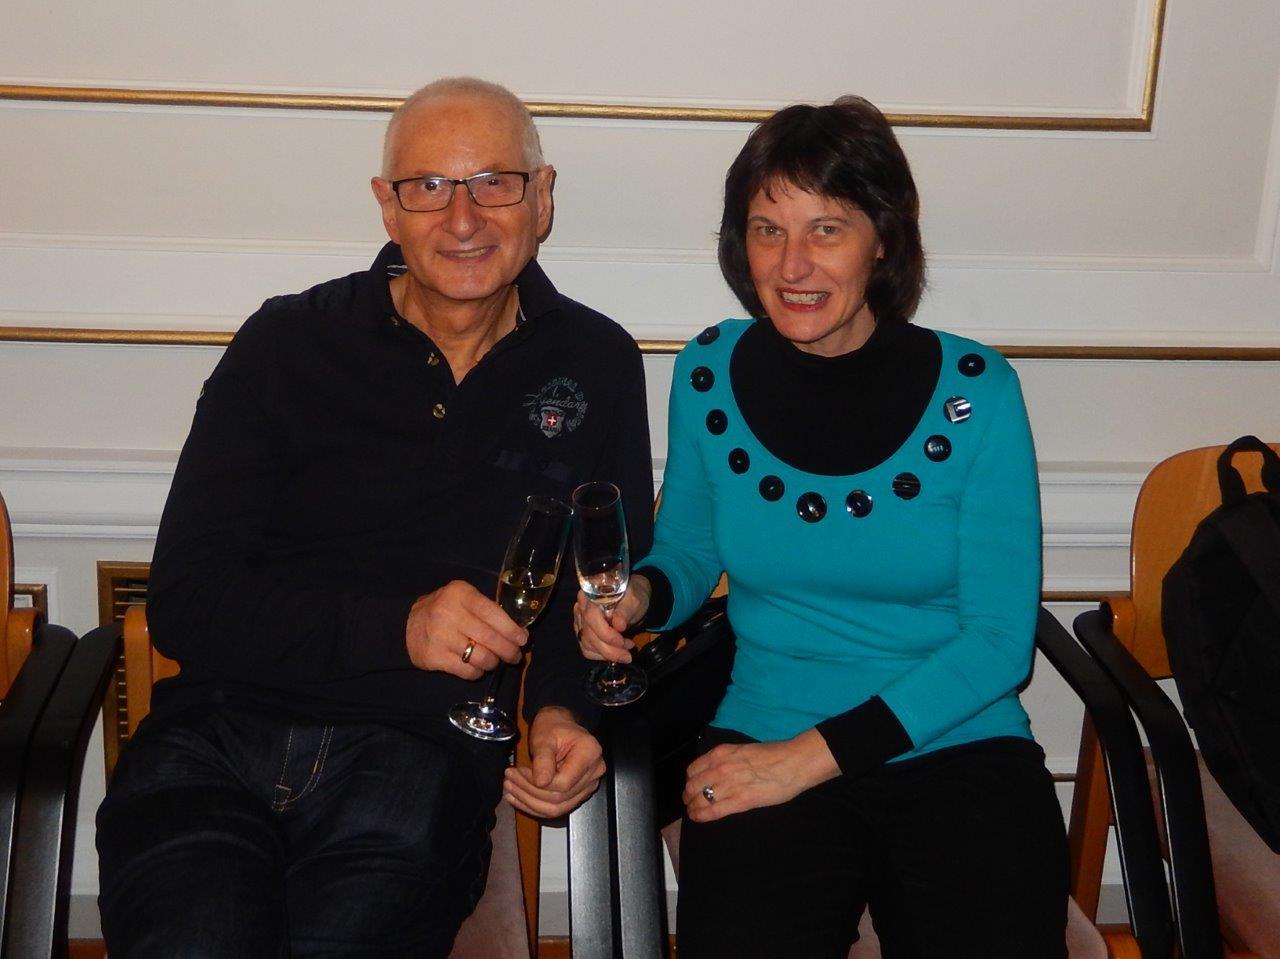 Gerald und Stefanie Grüssl bei der Präsentation des Buches